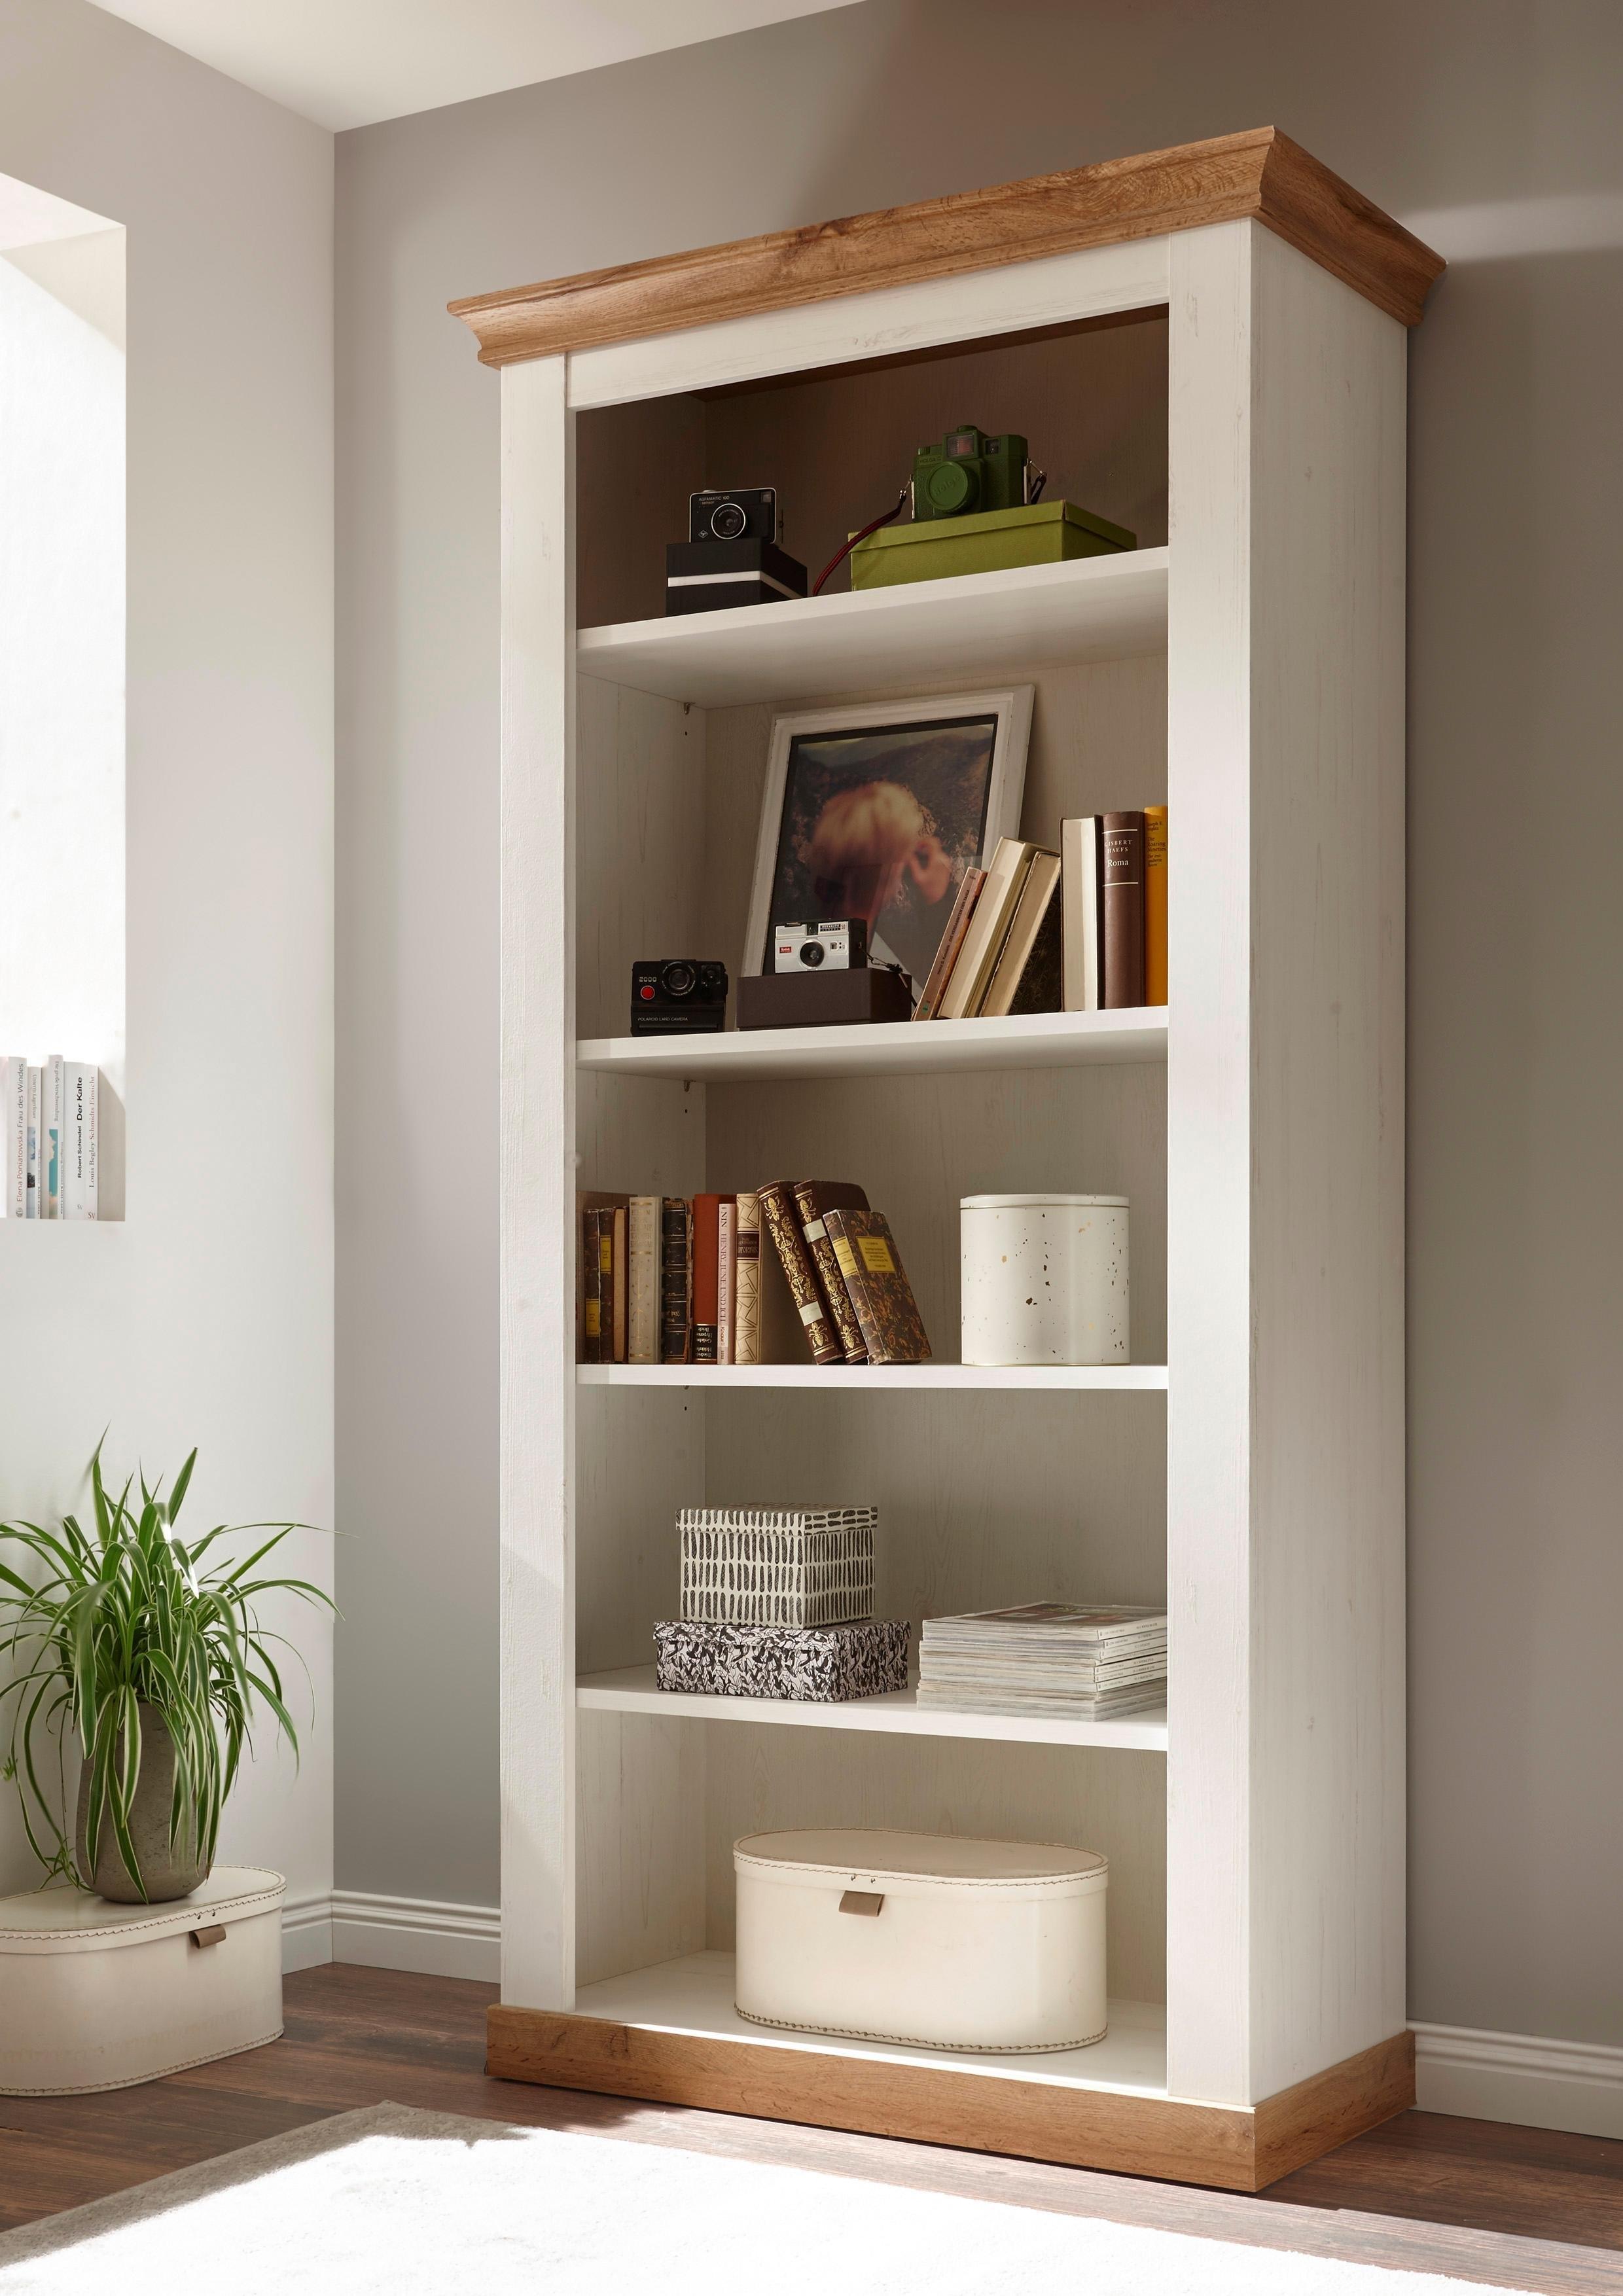 Home affaire open kast »Cremona«, breedte 102 cm nu online kopen bij OTTO